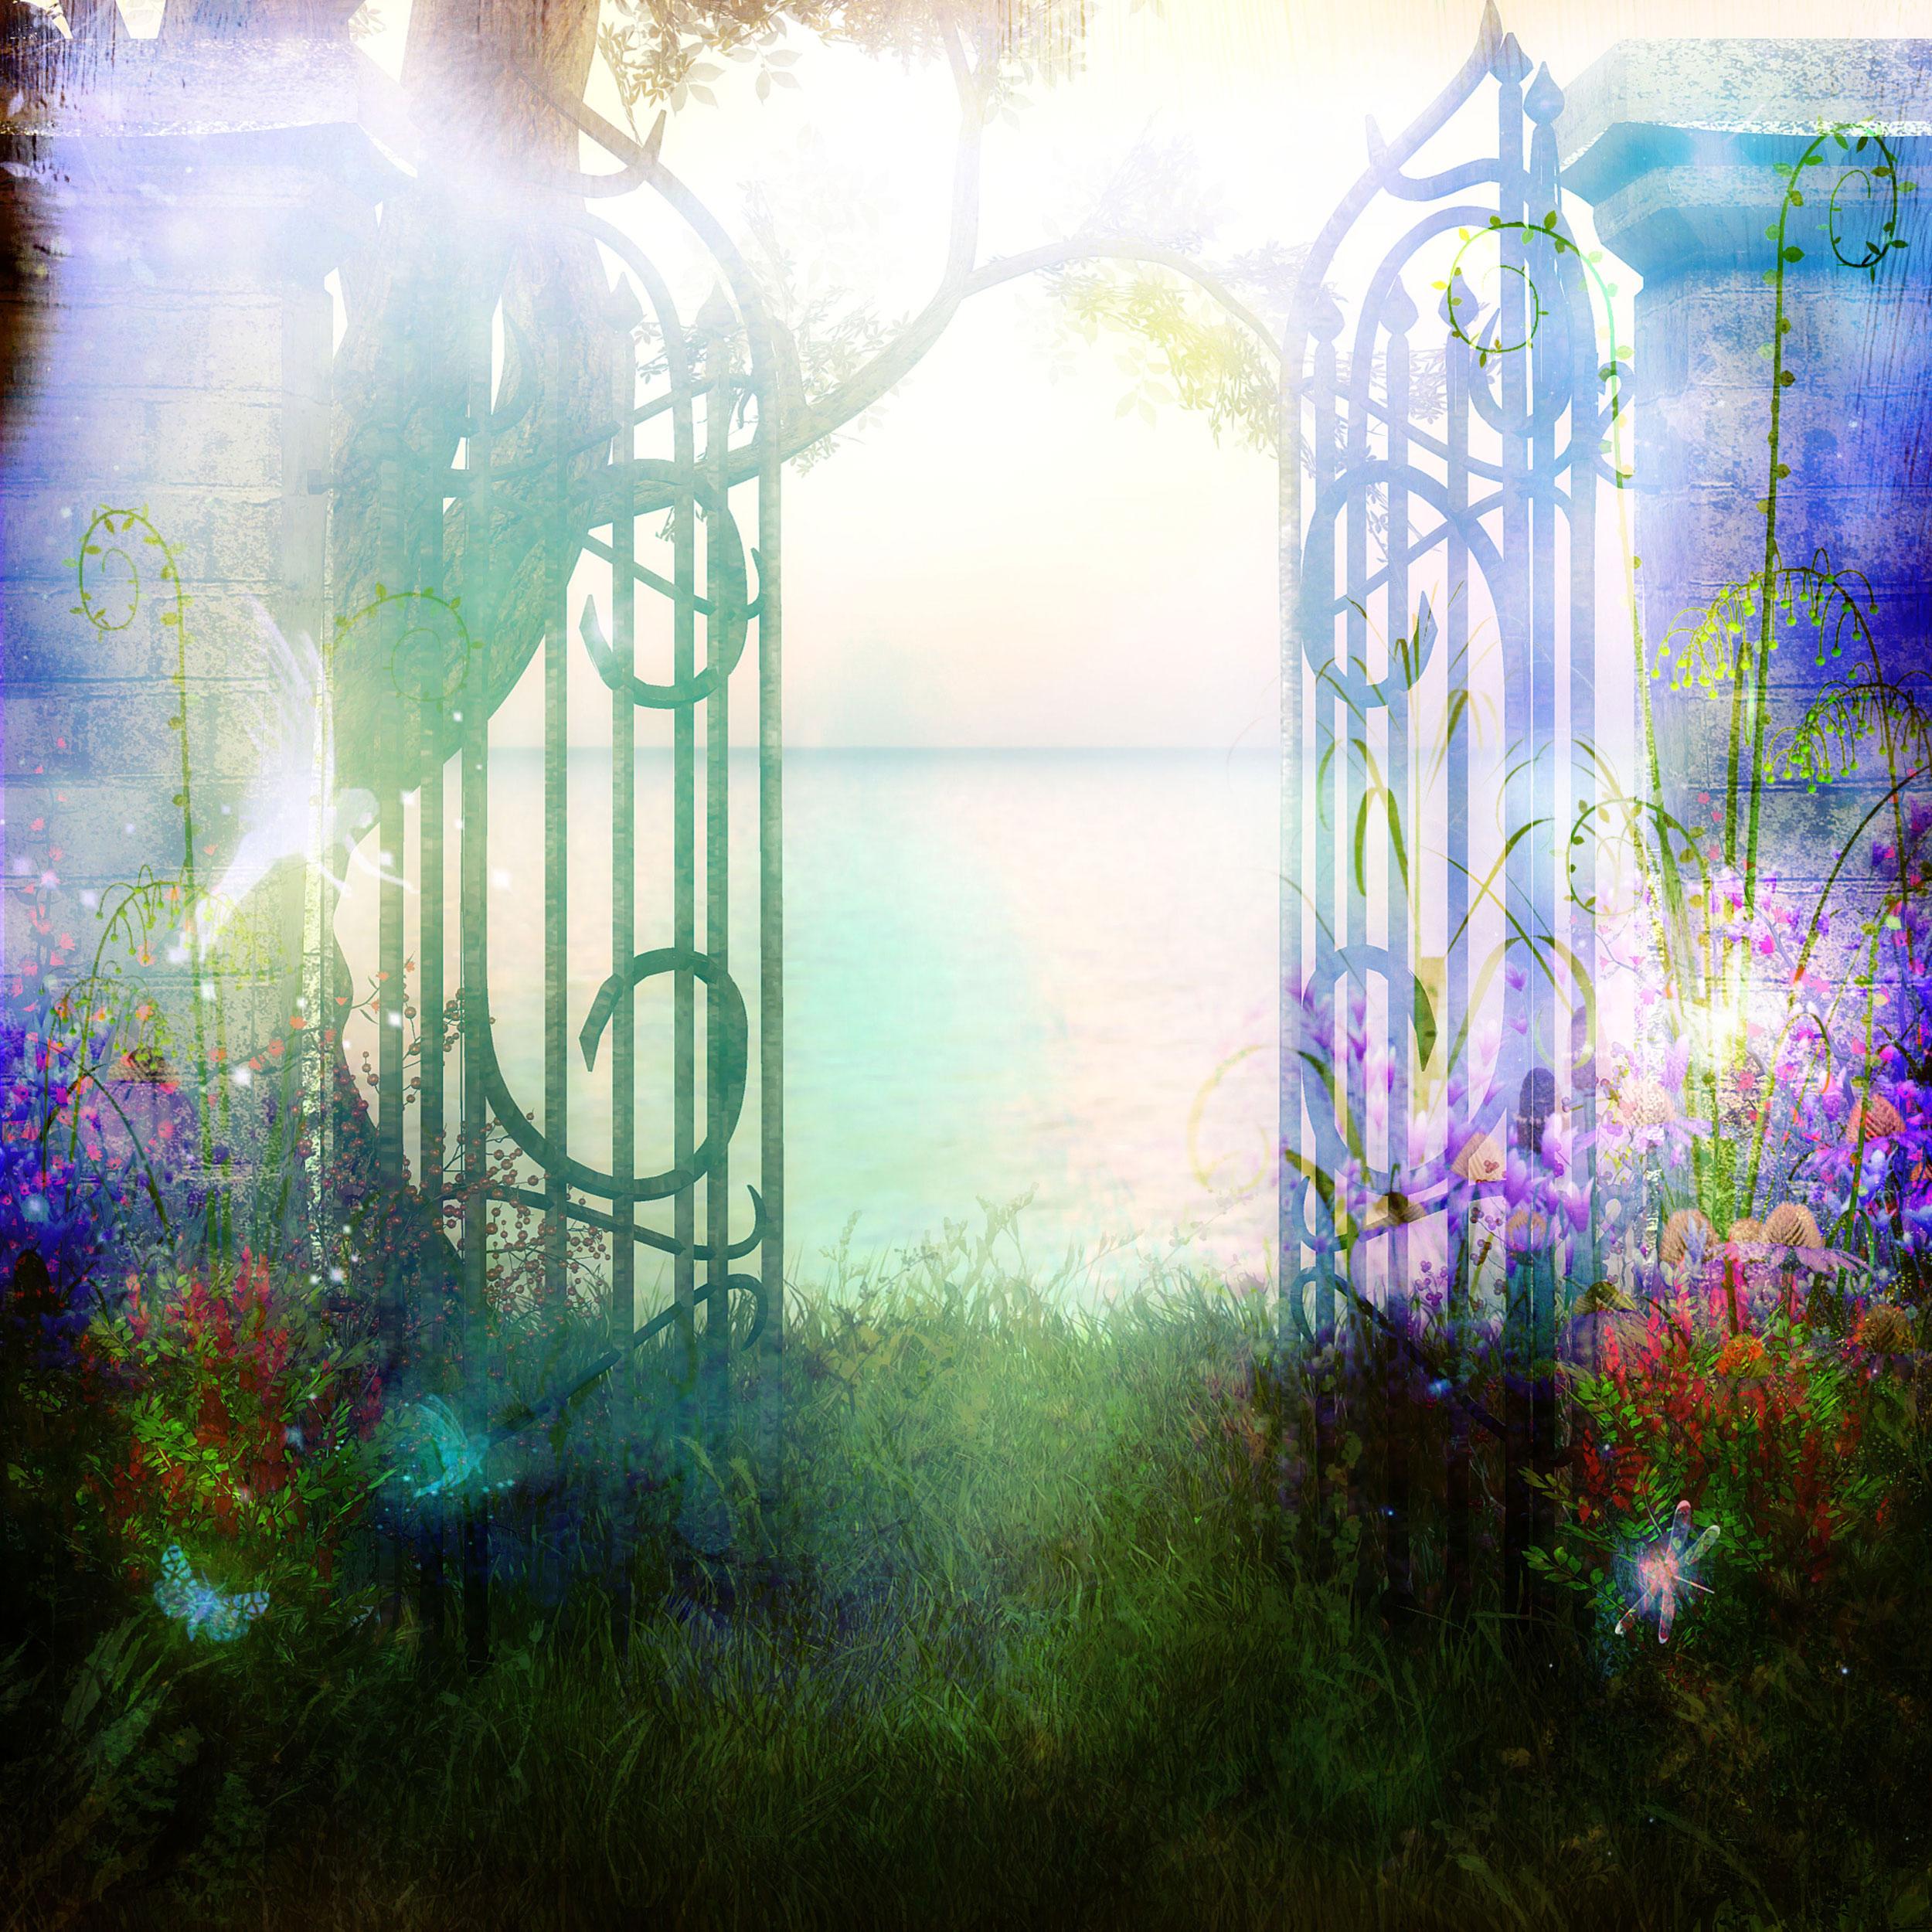 花のイラスト フリー素材 壁紙 背景no 2 幻想的 館の門 妖精